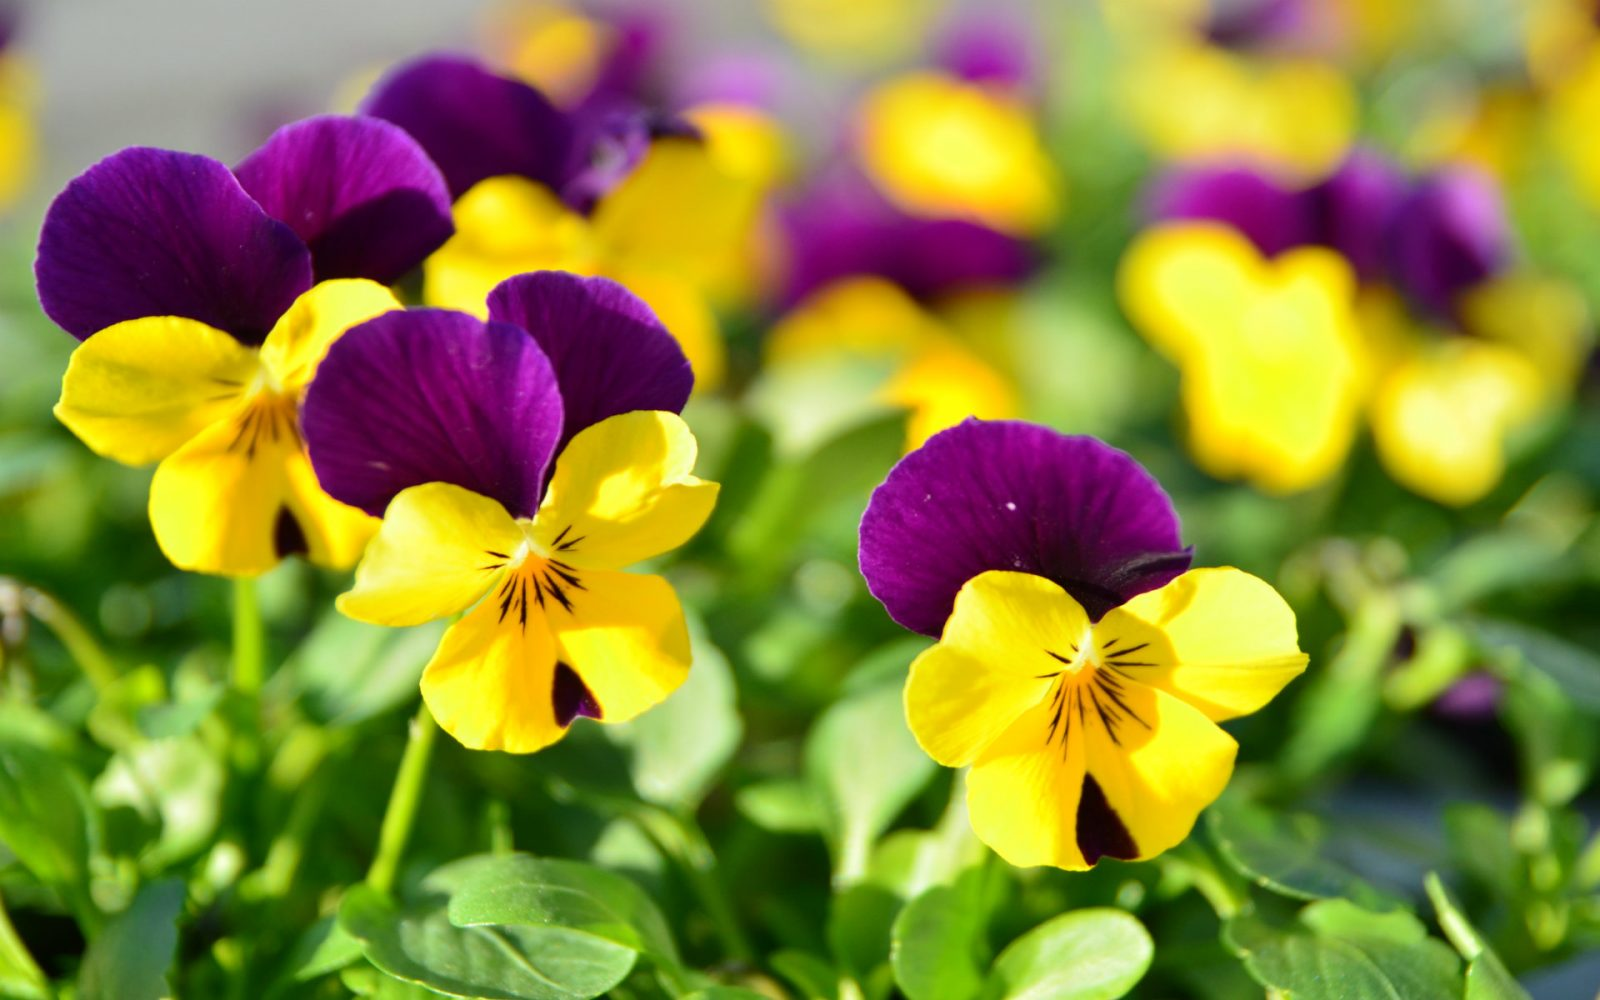 Cuidados de flores bonitas im genes y fotos - Cuidados de las hortensias ...